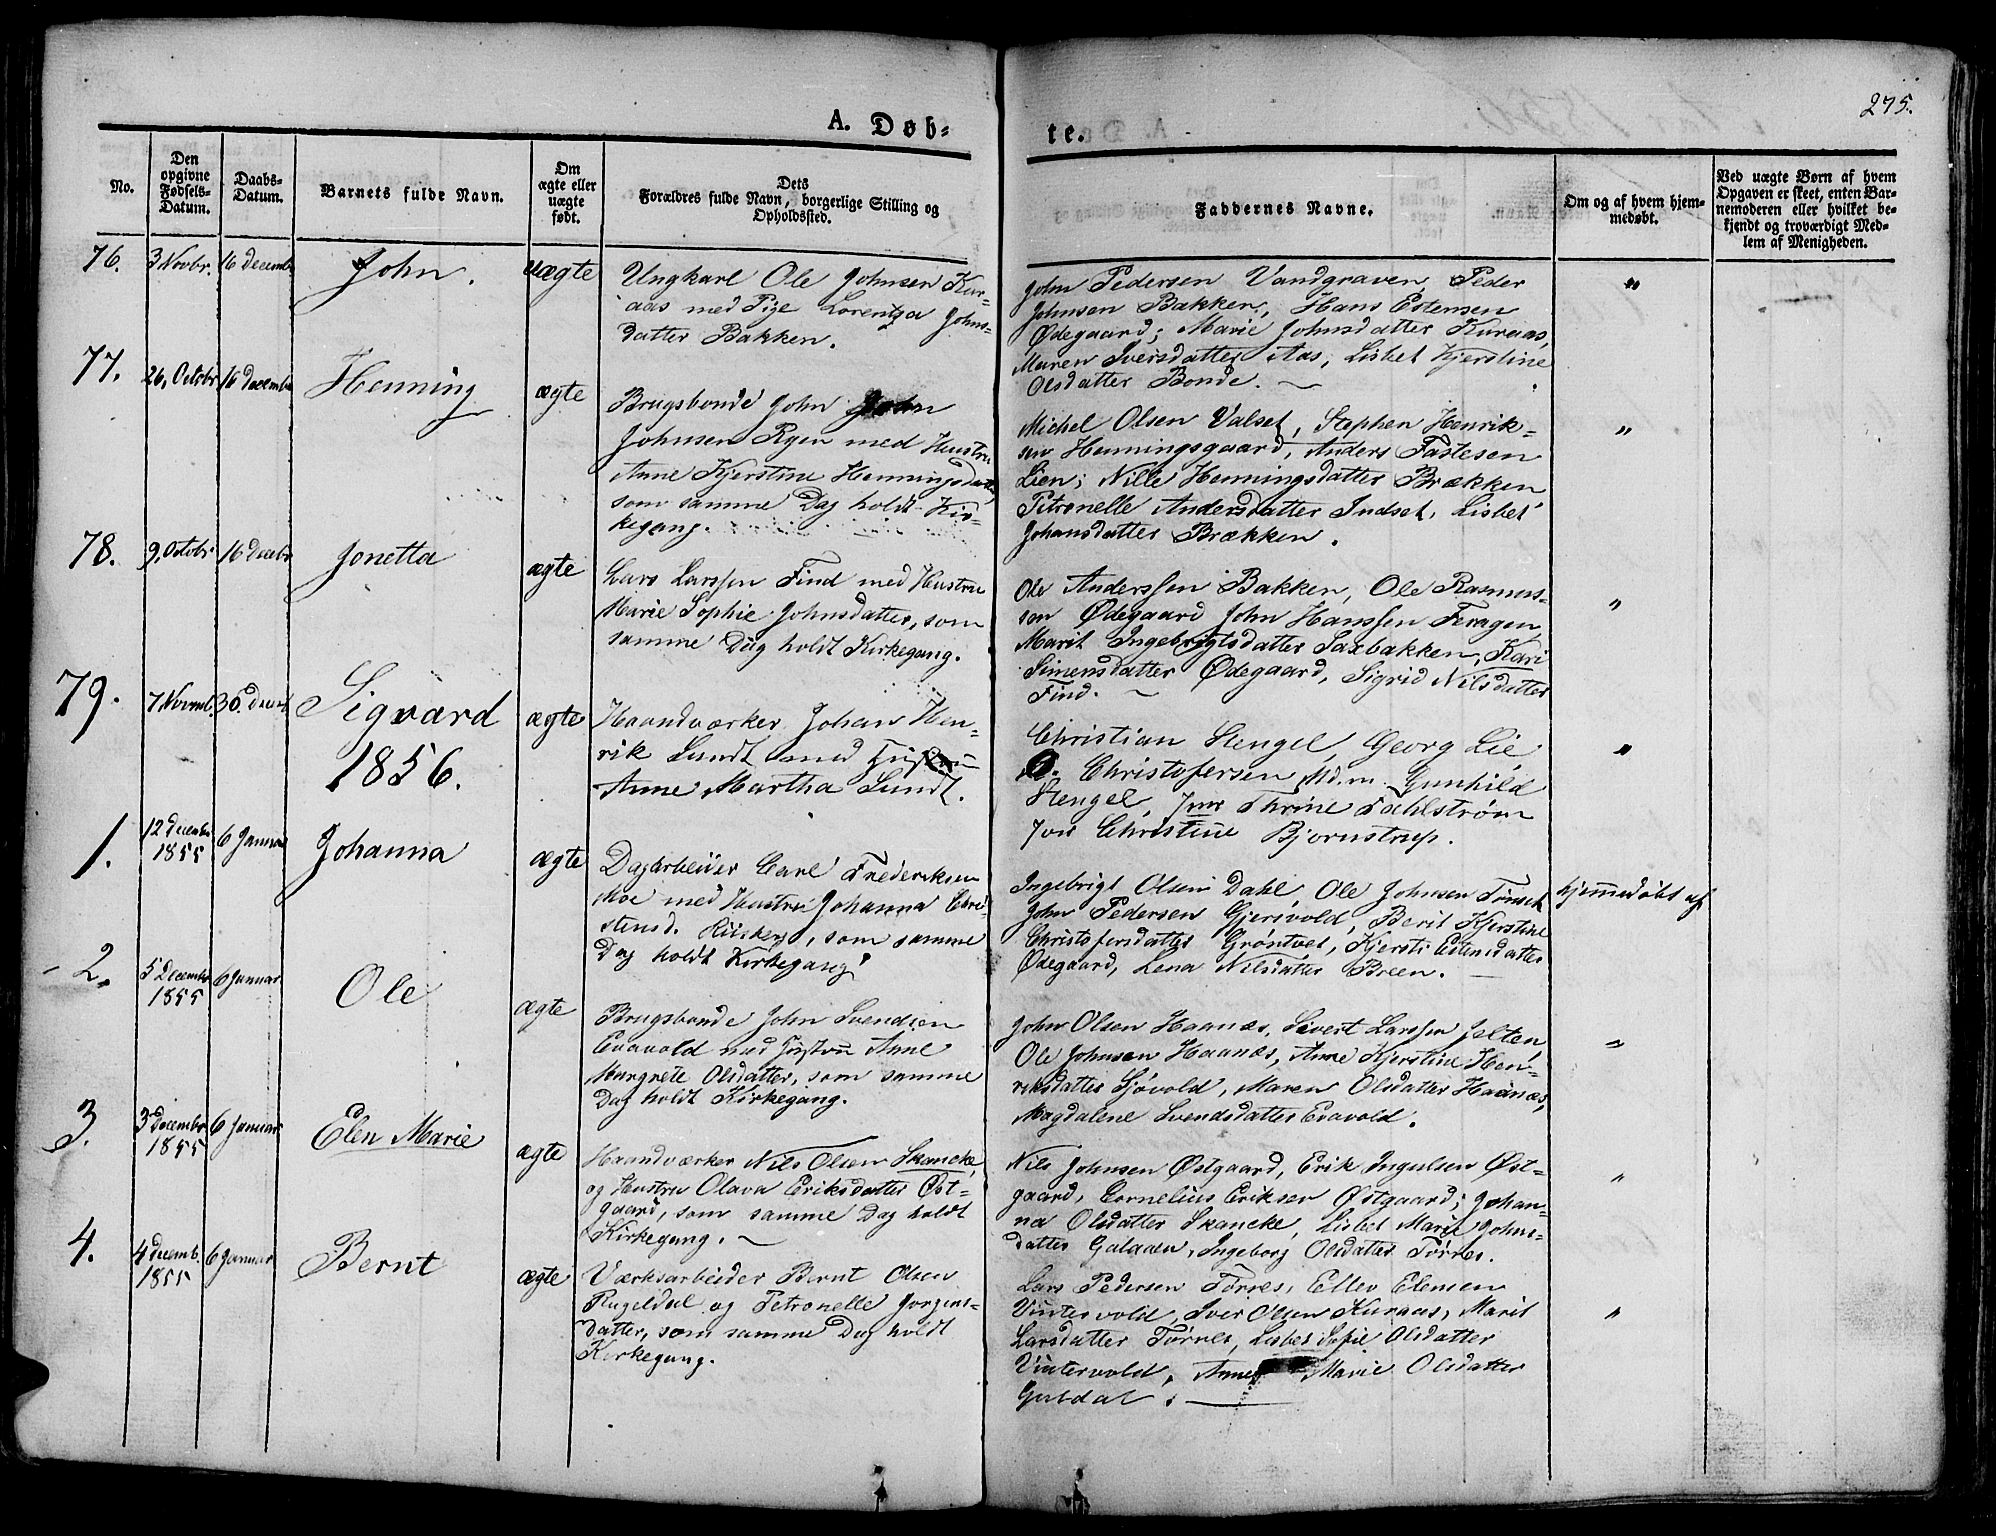 SAT, Ministerialprotokoller, klokkerbøker og fødselsregistre - Sør-Trøndelag, 681/L0938: Klokkerbok nr. 681C02, 1829-1879, s. 275